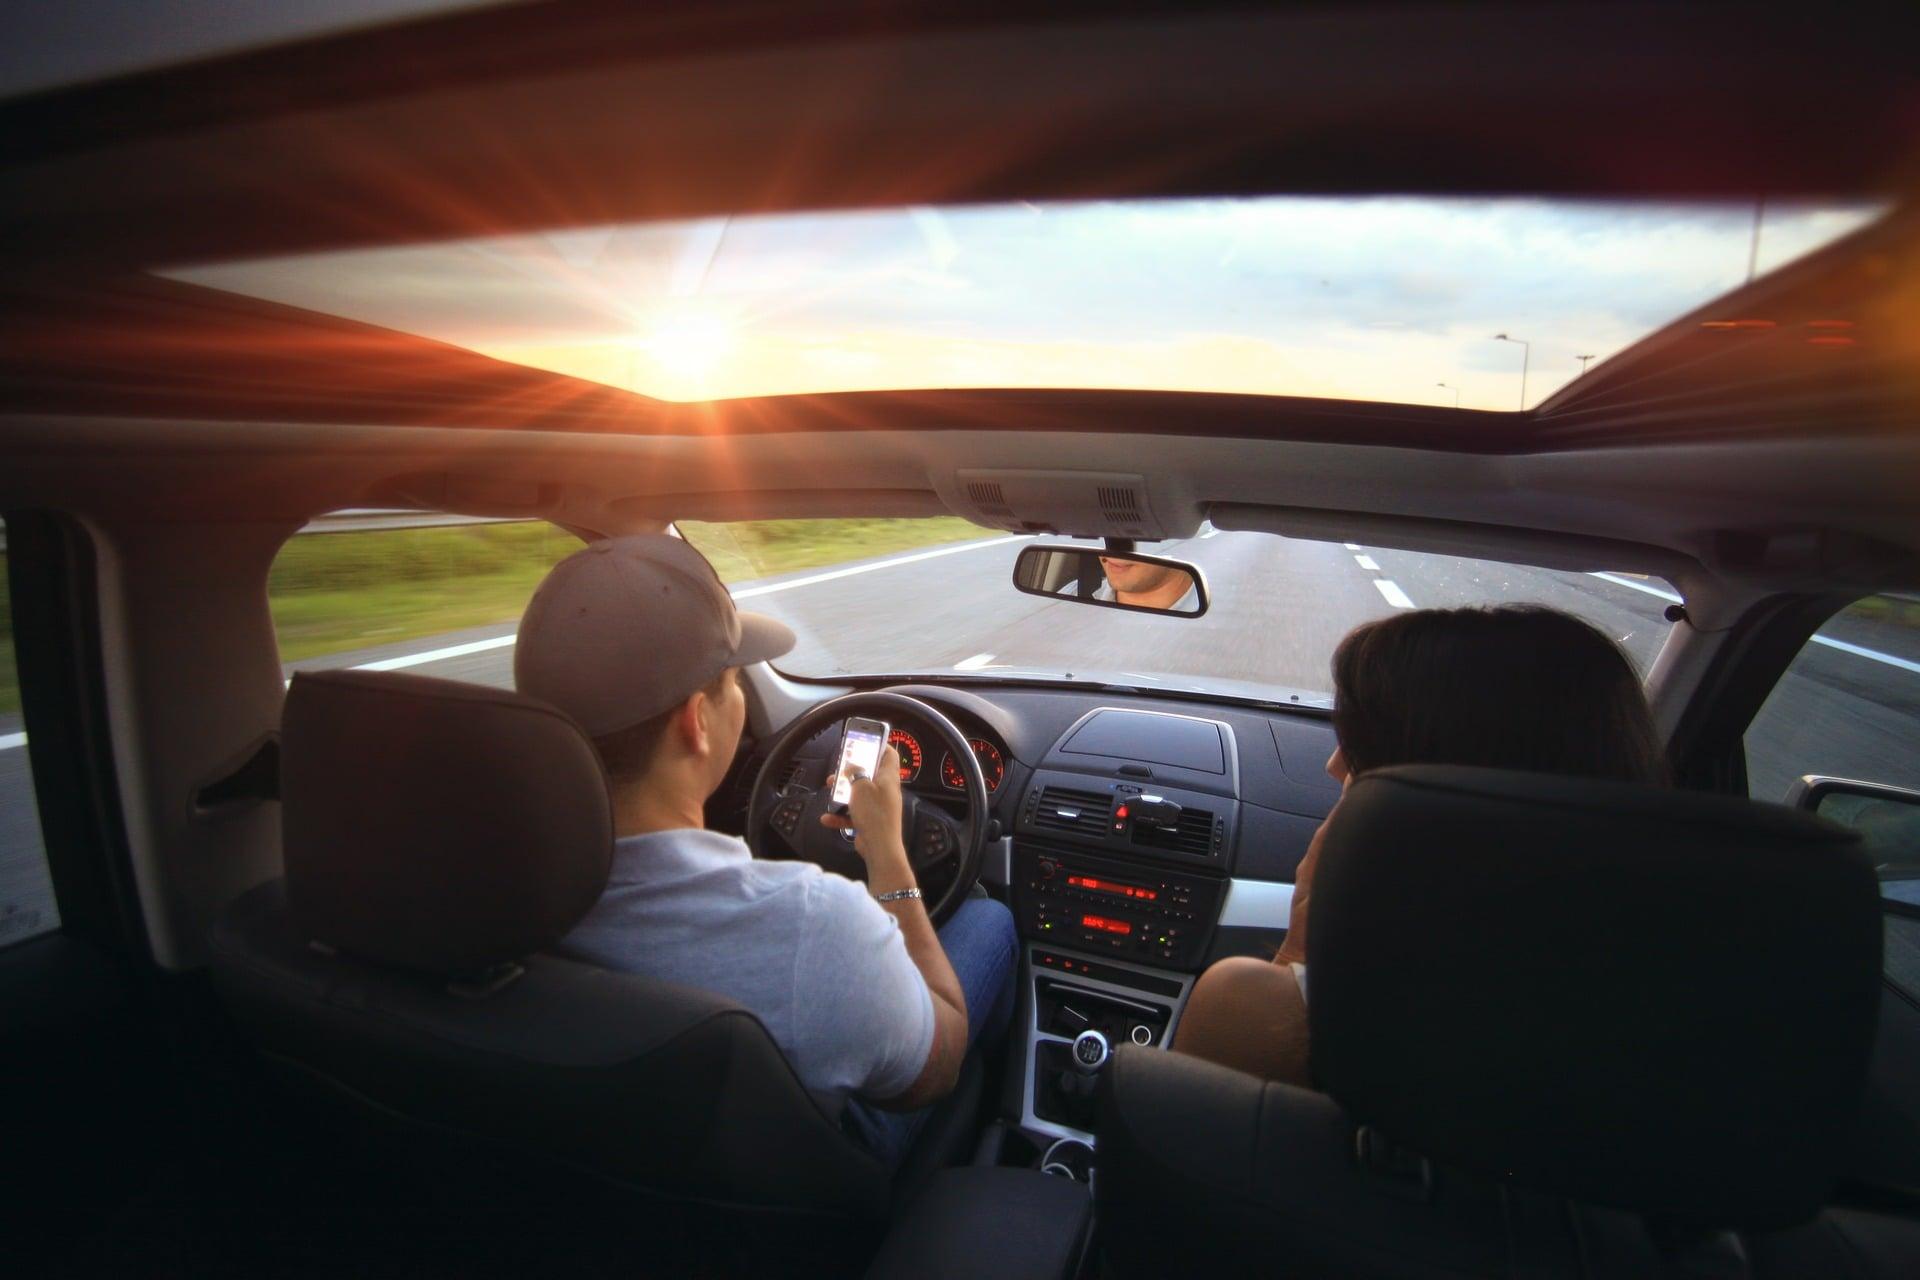 Kierowca ze smartfonem